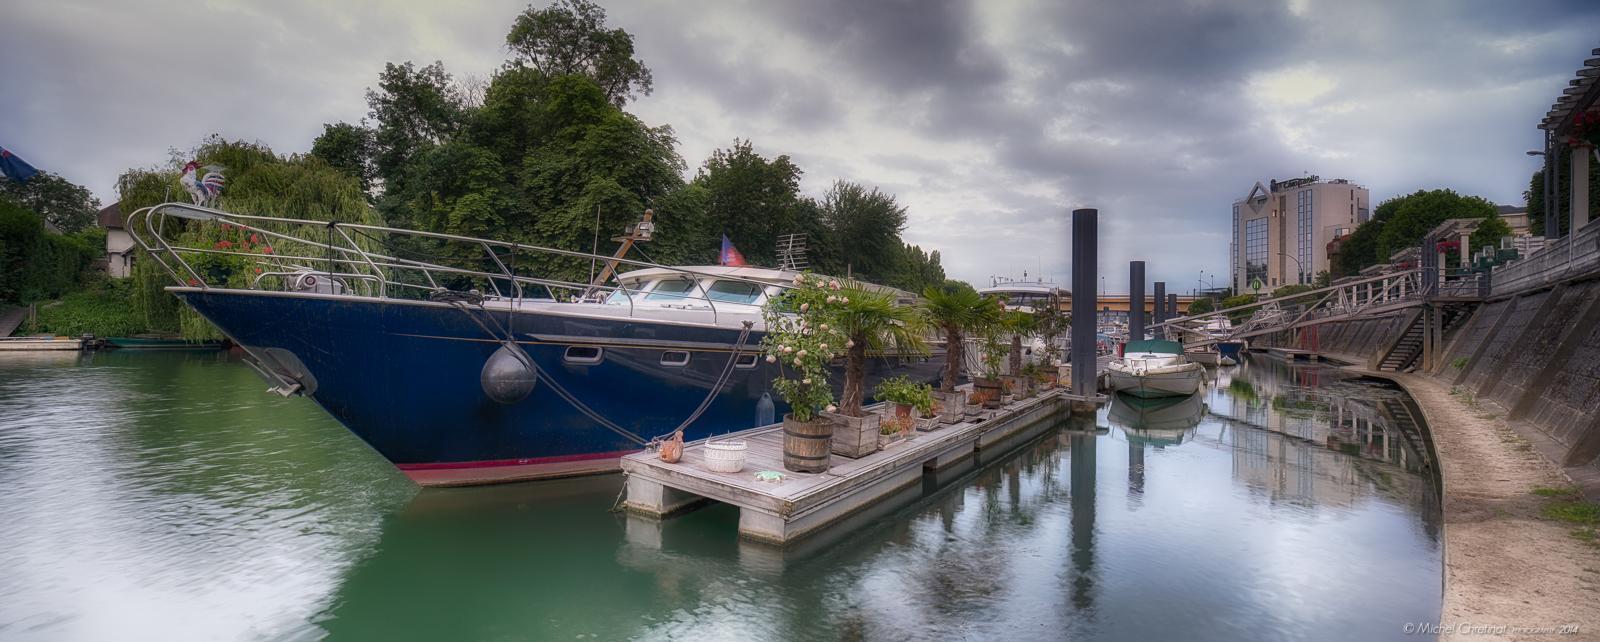 Banque populaire michel chretinat photography - Port de nogent sur marne ...